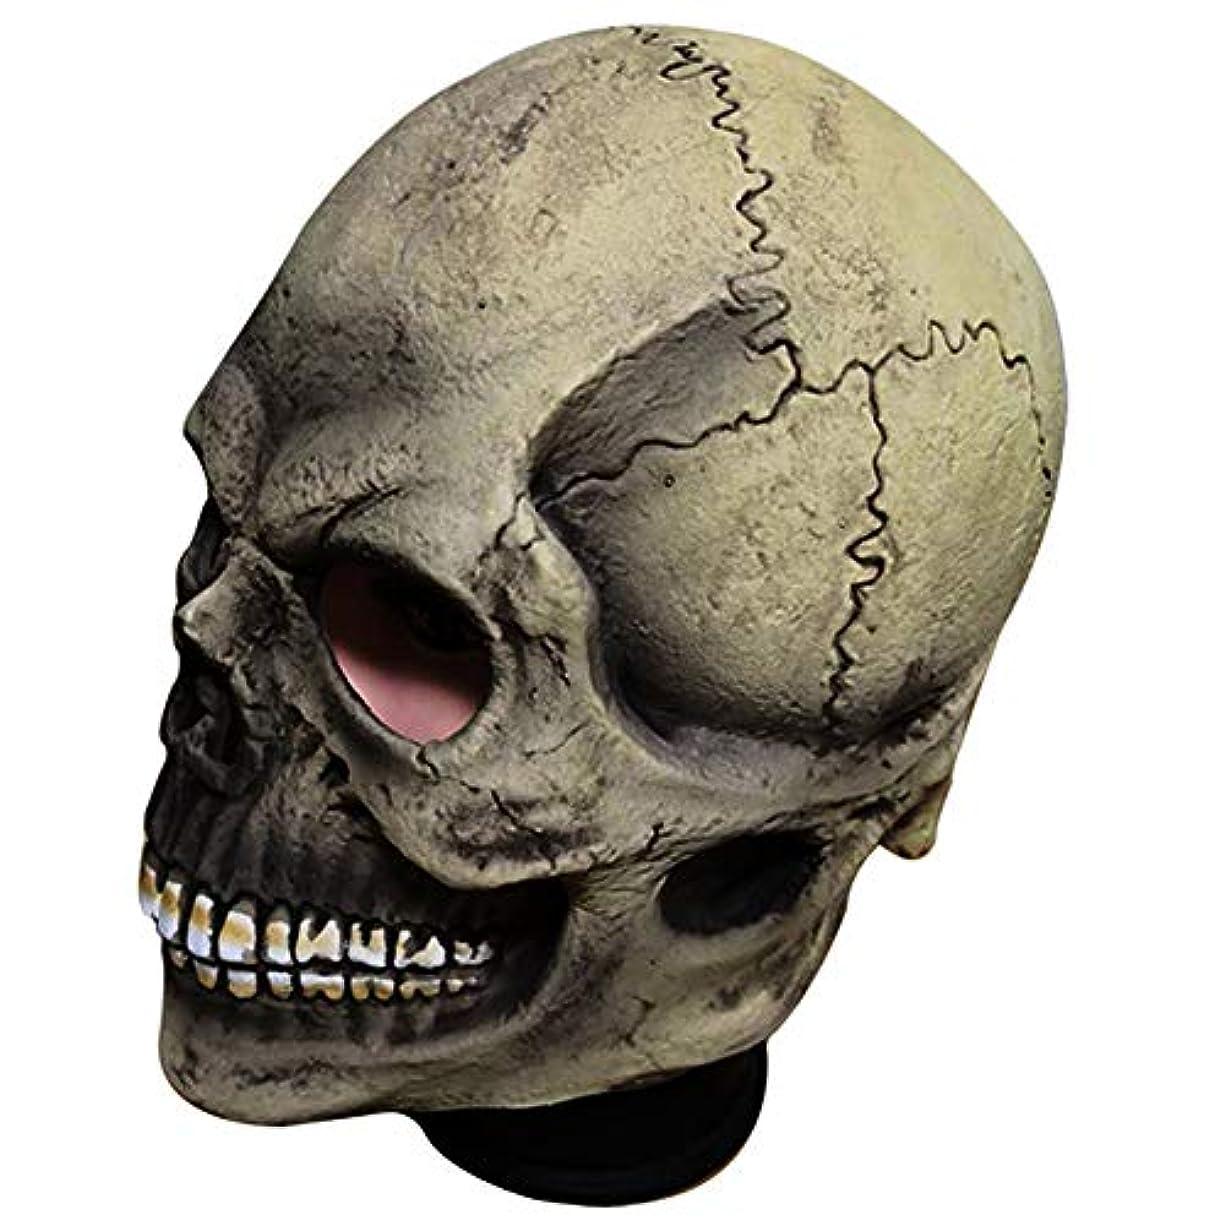 予防接種する説教する溶かすハロウィーンマスク、スカルラテックスマスク、ハロウィーン、テーマパーティー、カーニバル、レイブパーティー、バー、小道具、映画。